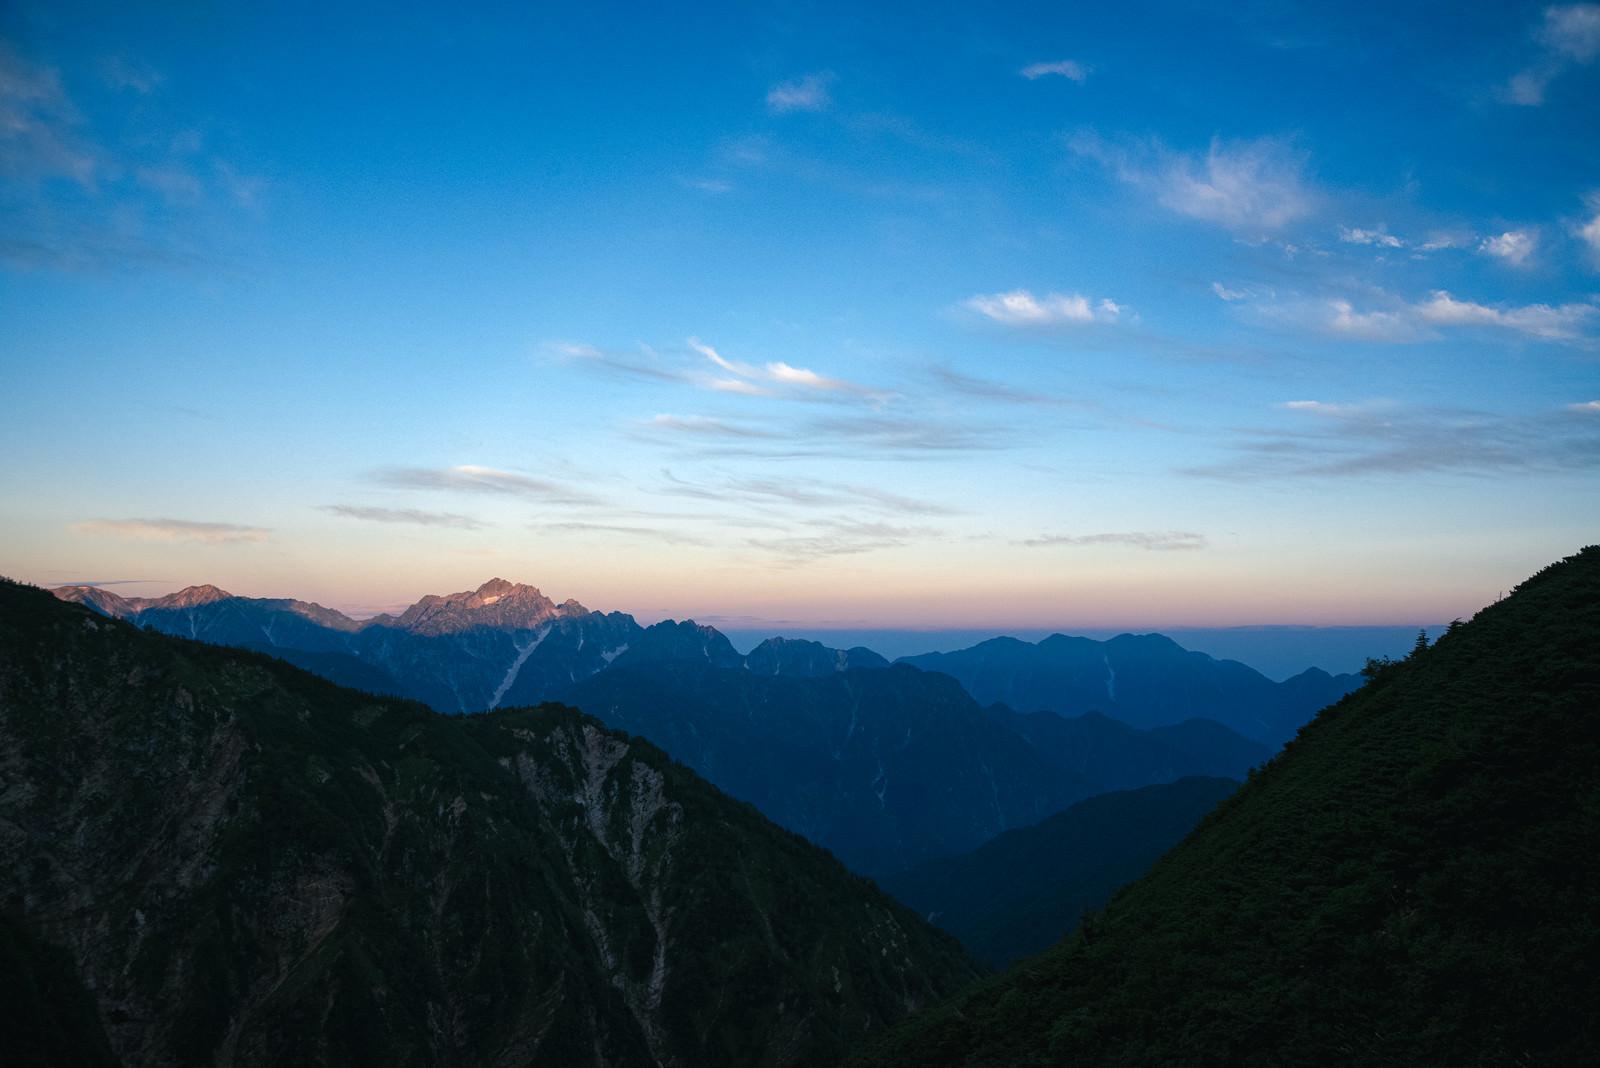 夜明けを迎えた山々のフリー素材